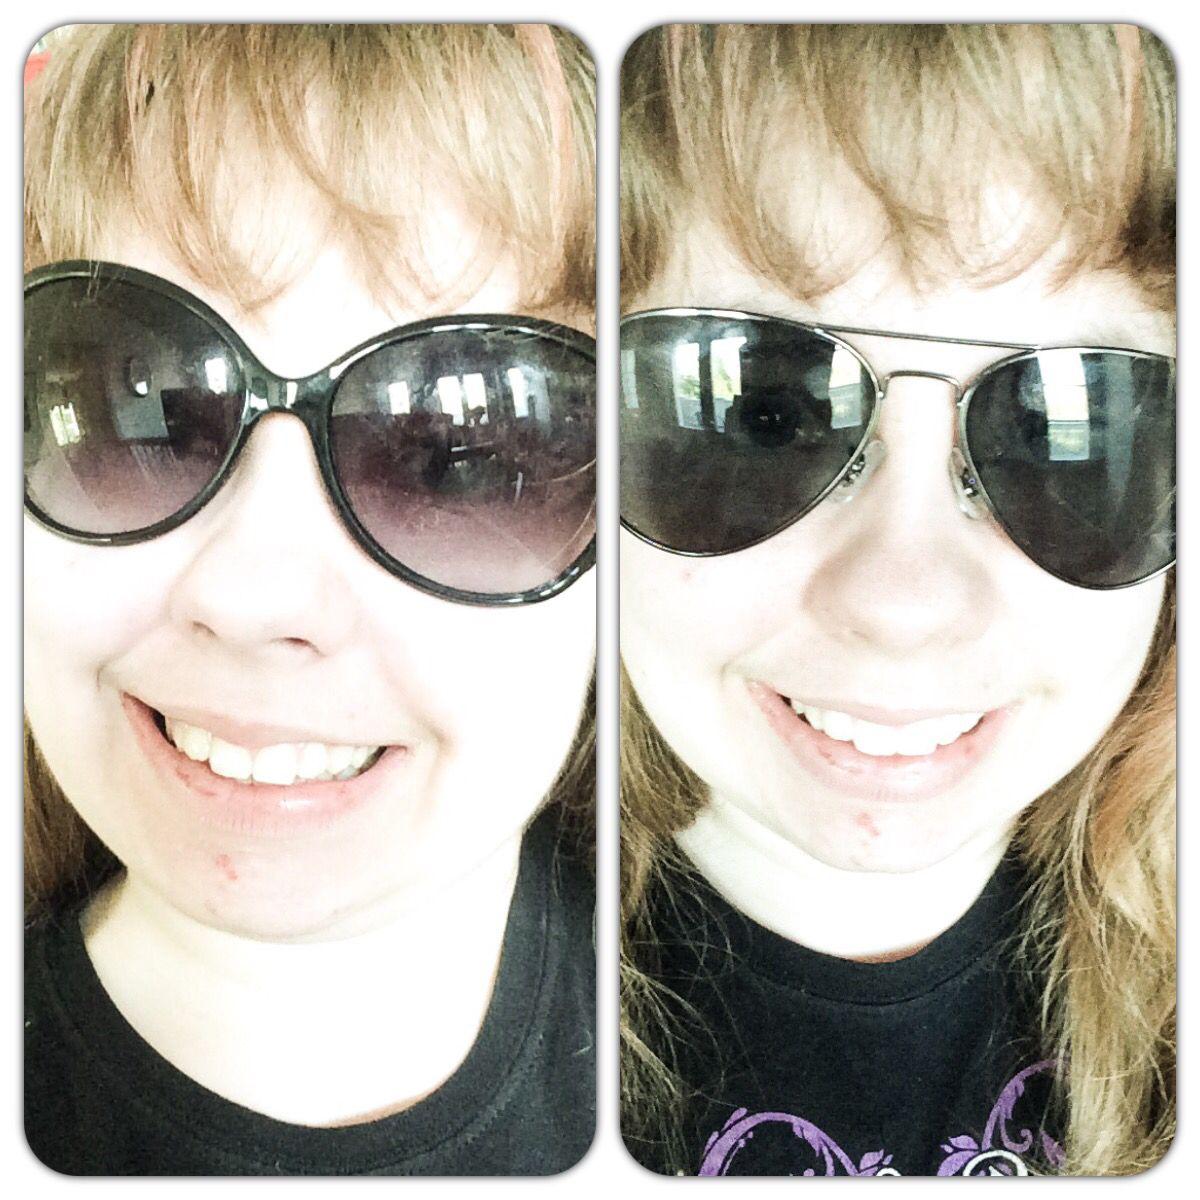 Huomenna Ruotsiin! Päätin kokeilla vanhoja ja uusia aurinkolaseja ja tulin siihen tulokseen että näytän joko rokkarilta tai kärpäseltä... Saatte itse tulkita :-)